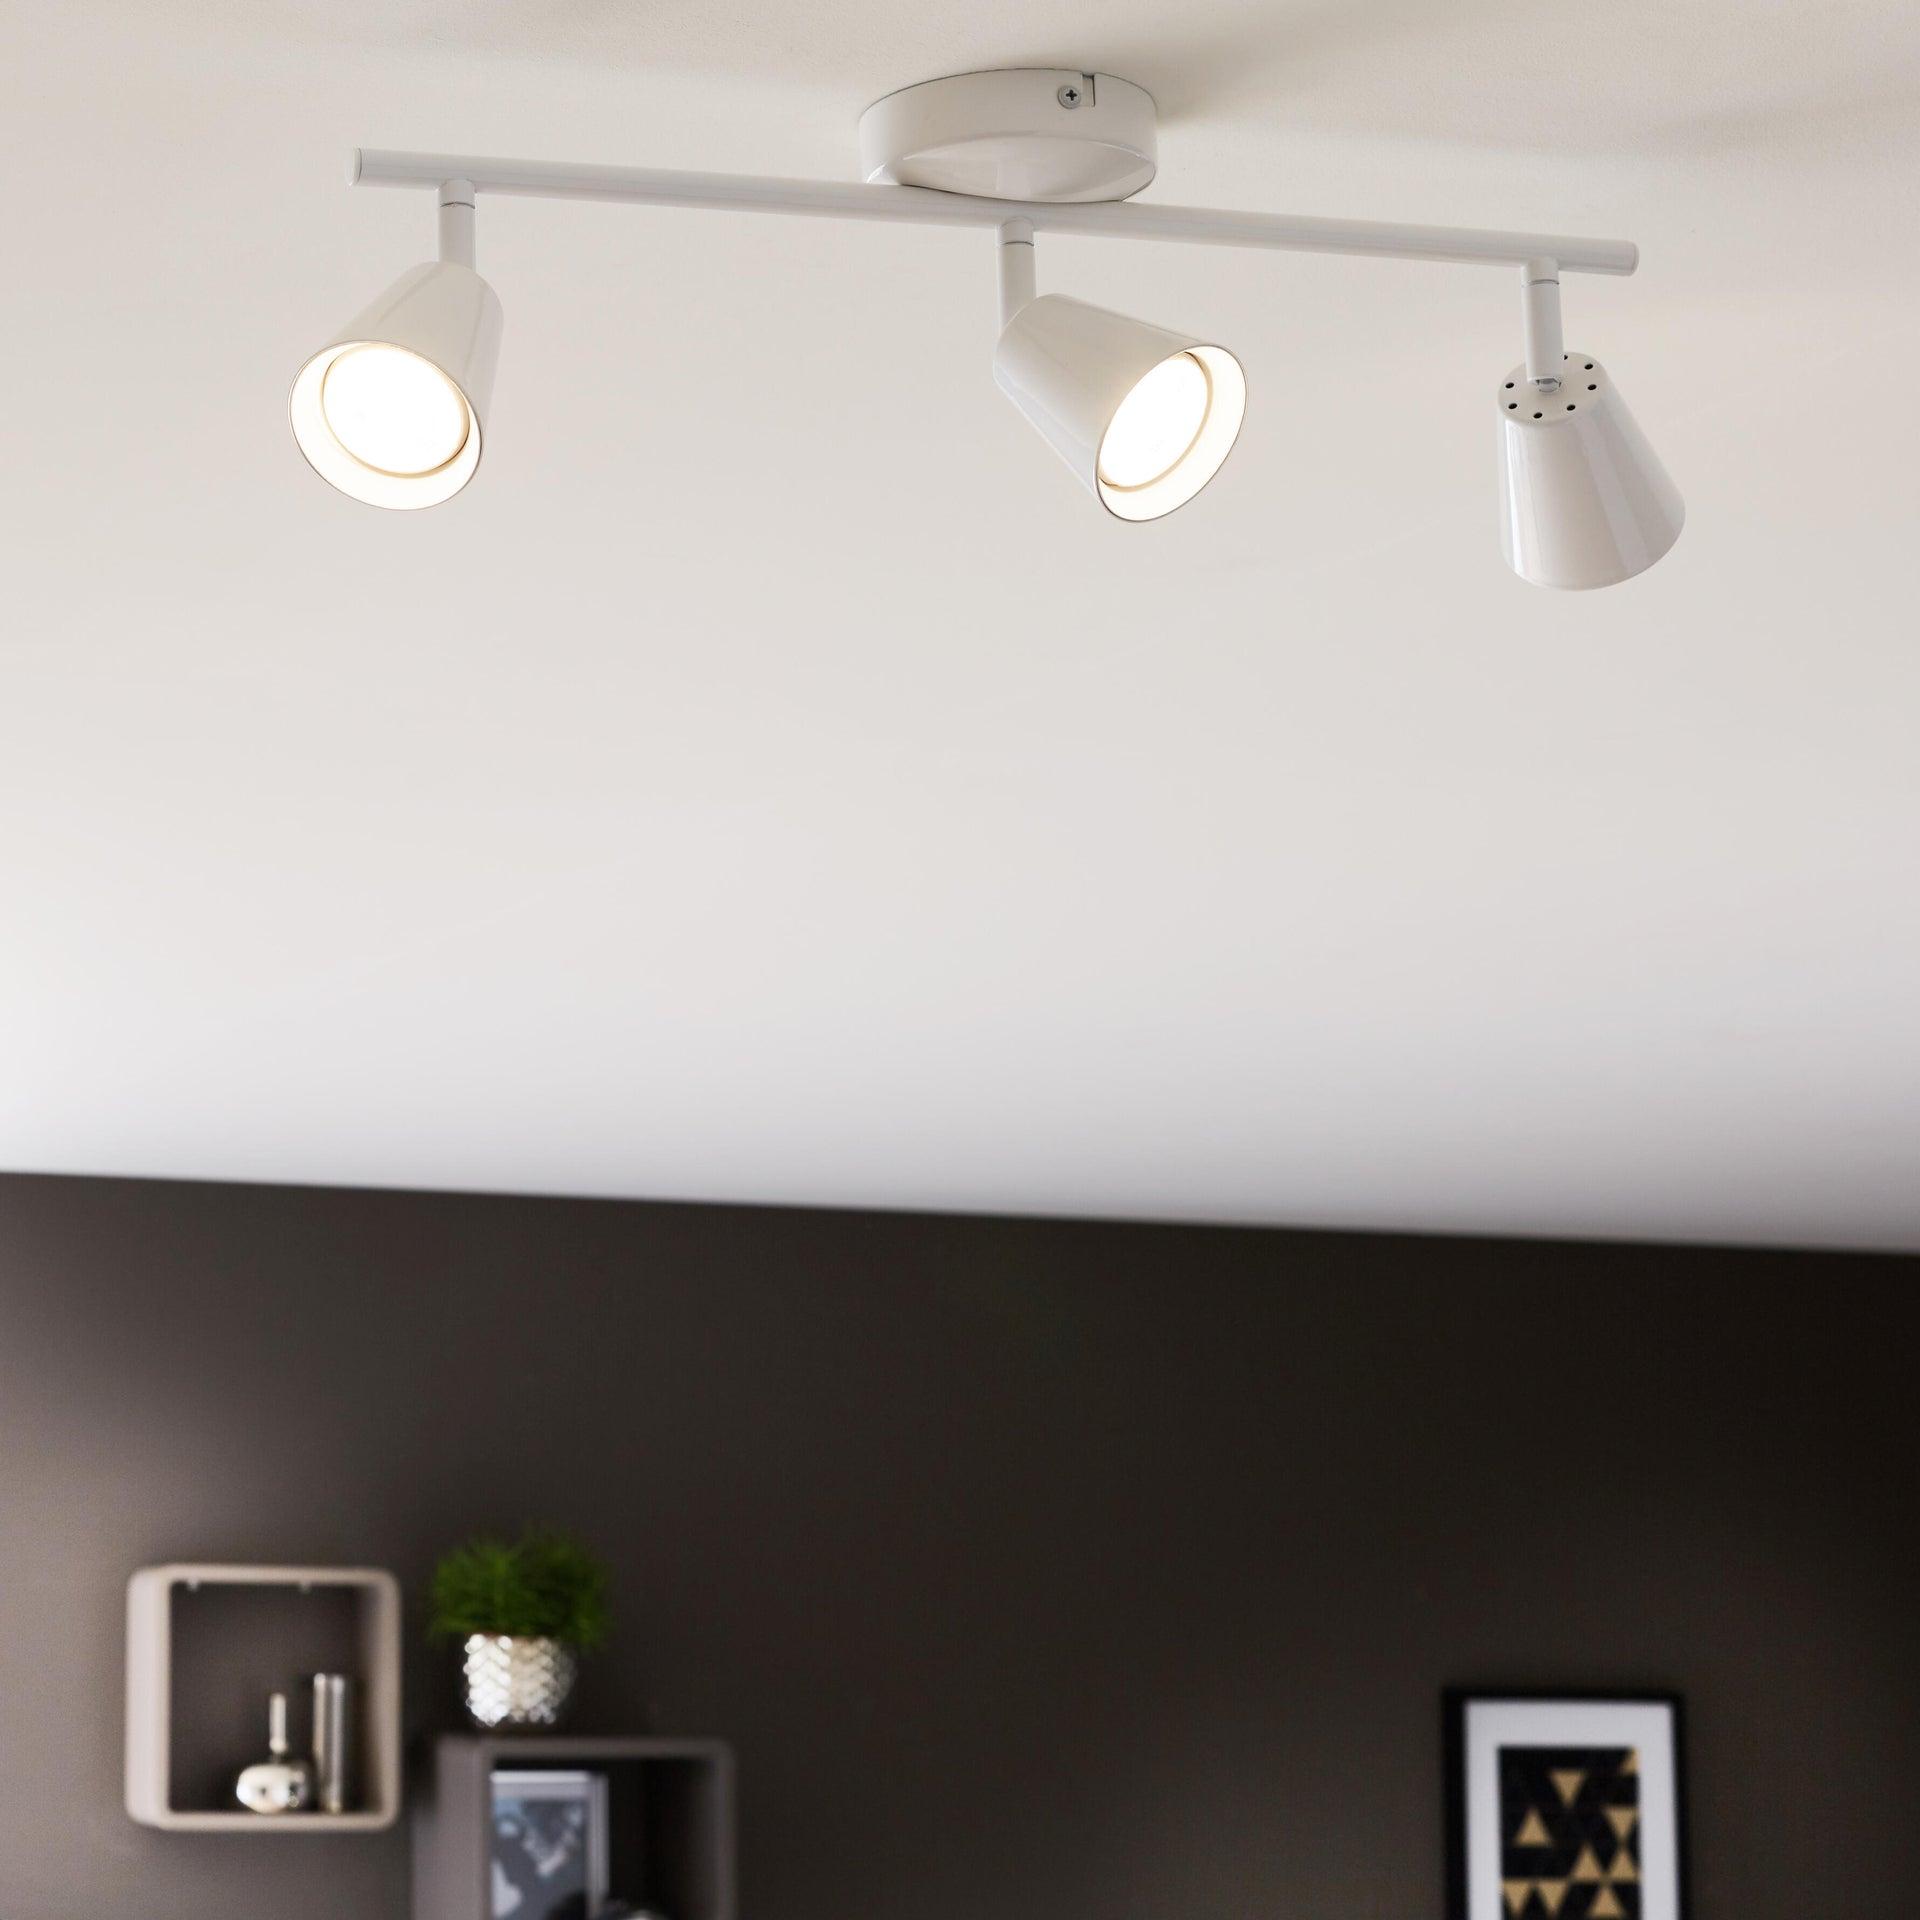 Barra di faretti Chapo bianco, in metallo, LED integrato 3.5W 840LM IP20 INSPIRE - 1